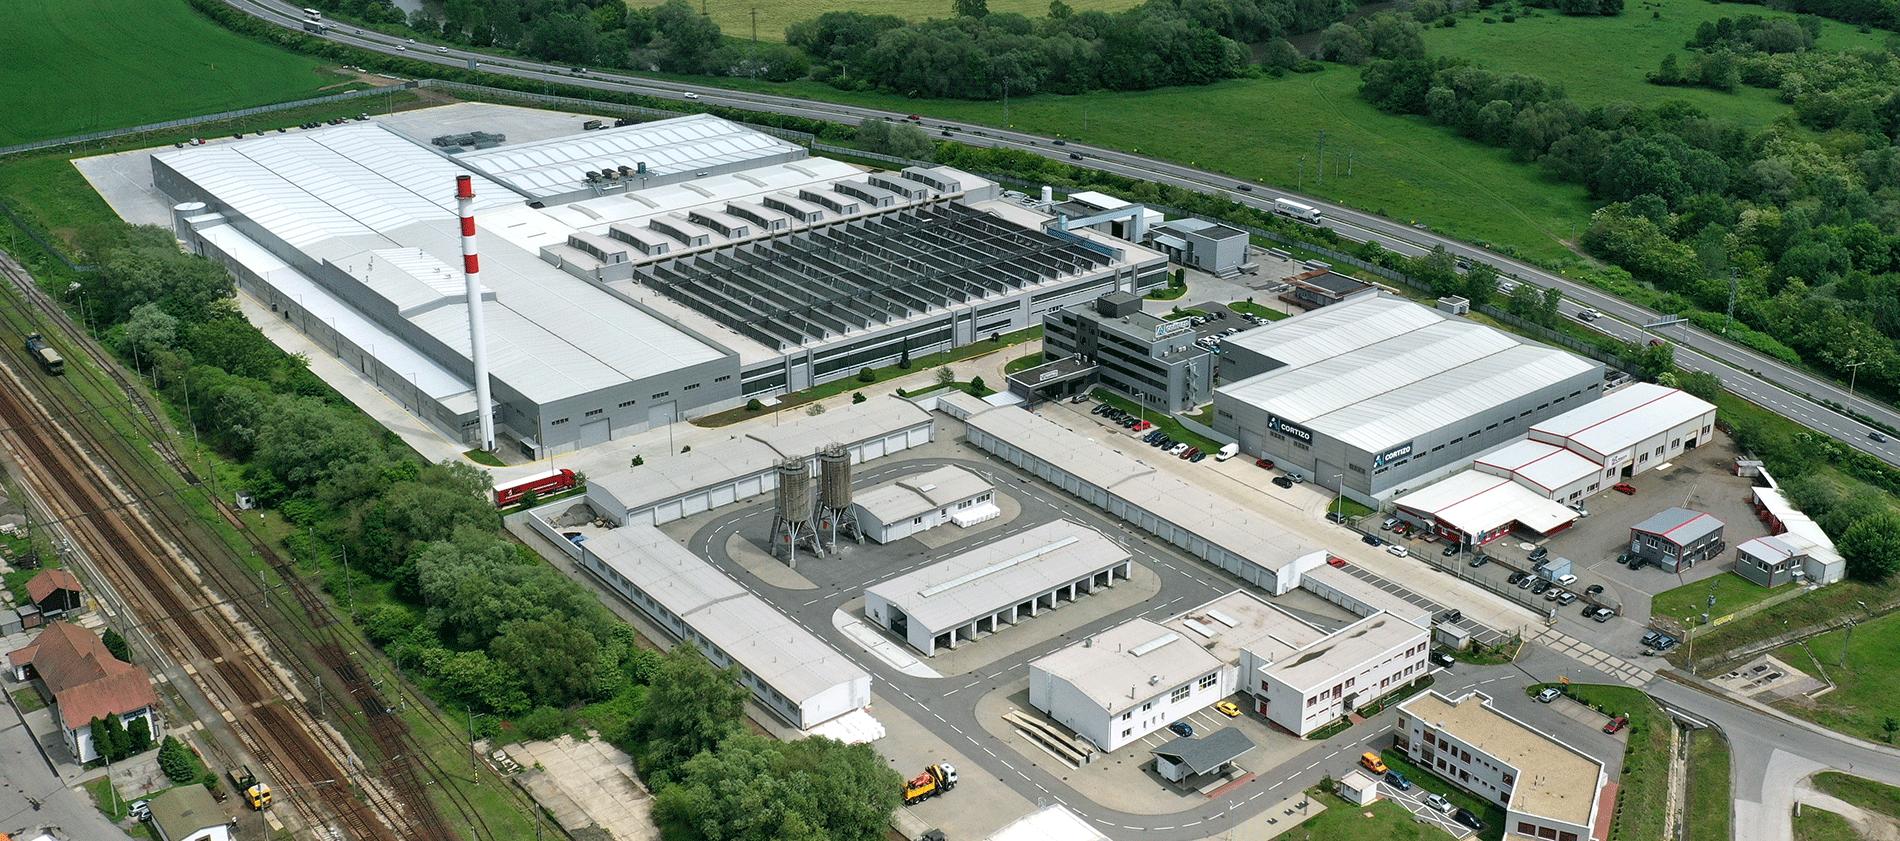 CORTIZO SŁOWACJAZDOLNOŚĆ PRODUKCYJNA16.000 ton rocznie3 prasy tłoczące2 lakiernieAnodownia3 zakłady obróbki mechanicznejPowierzchnia 32.000 m²